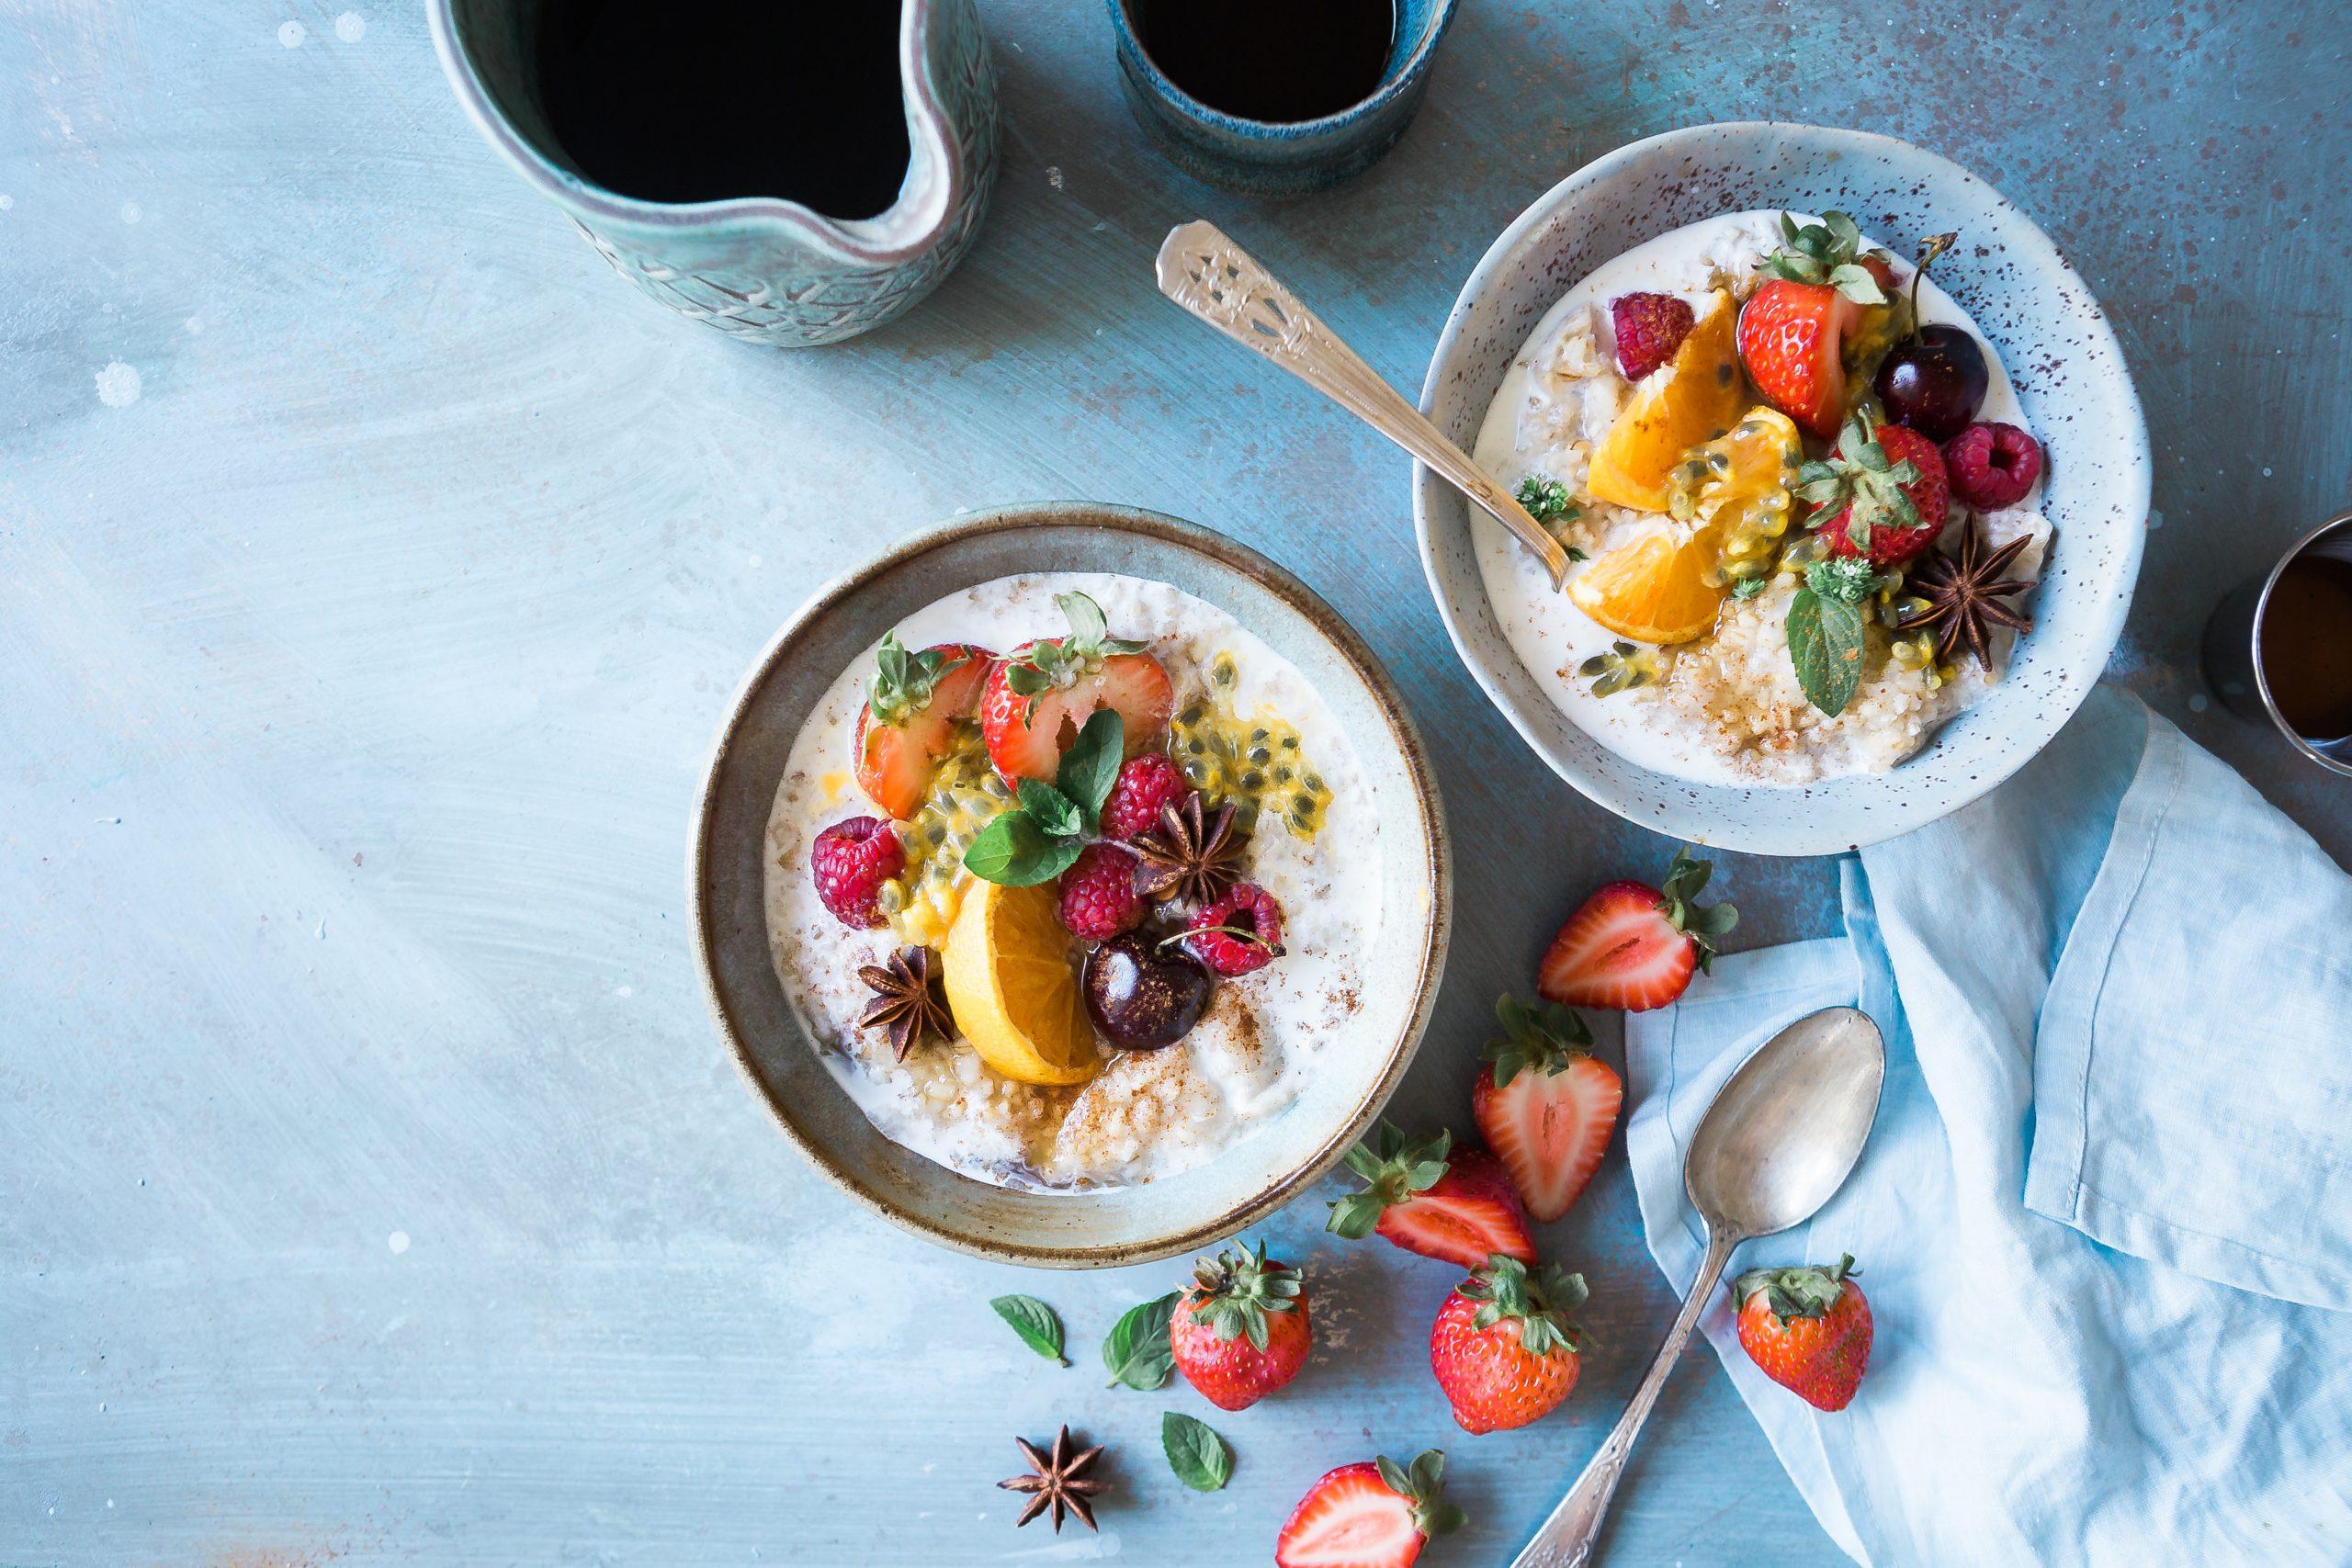 Stitichezza cosa mangiare? Quali alimenti includere e quali evitare